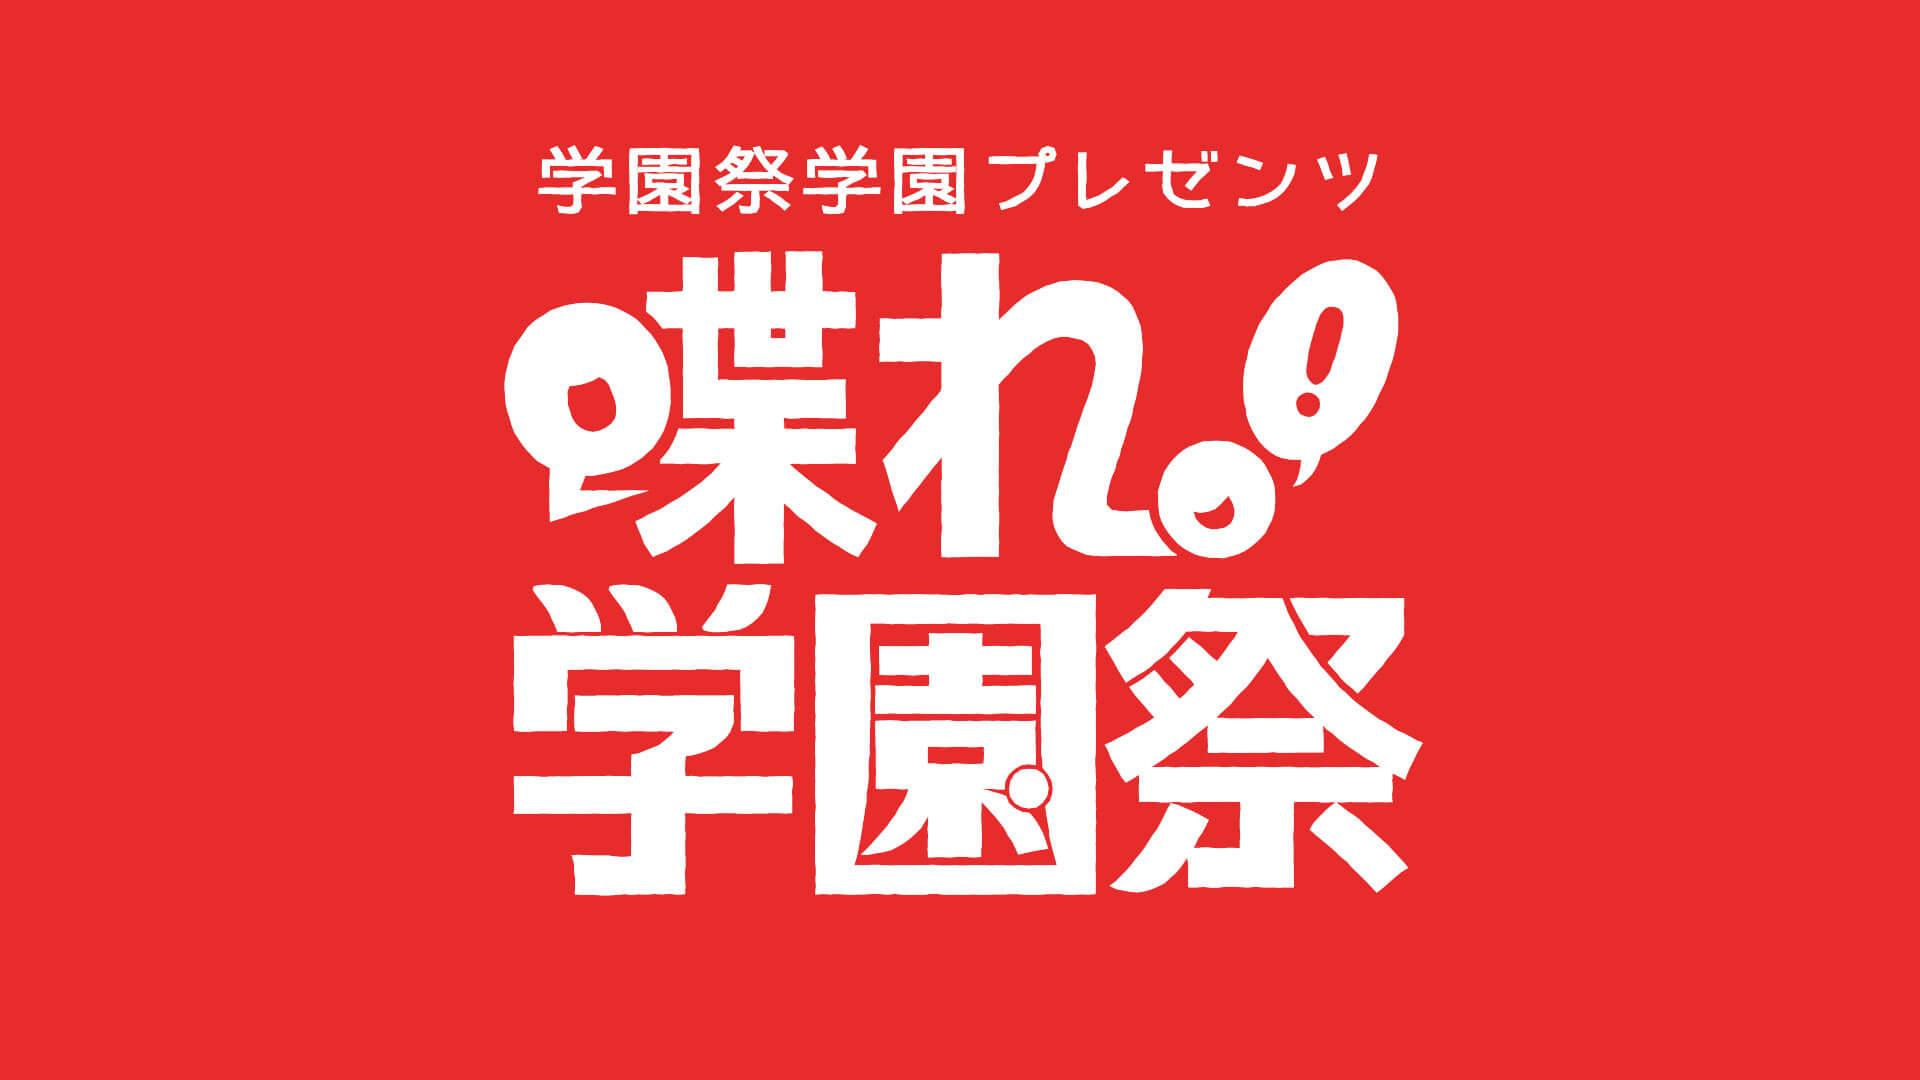 【みんな観てね!】『喋れ!学園祭』ニコニコ配信イベント「招け!学園祭PARTⅡ~浅沼晋太郎 編~」